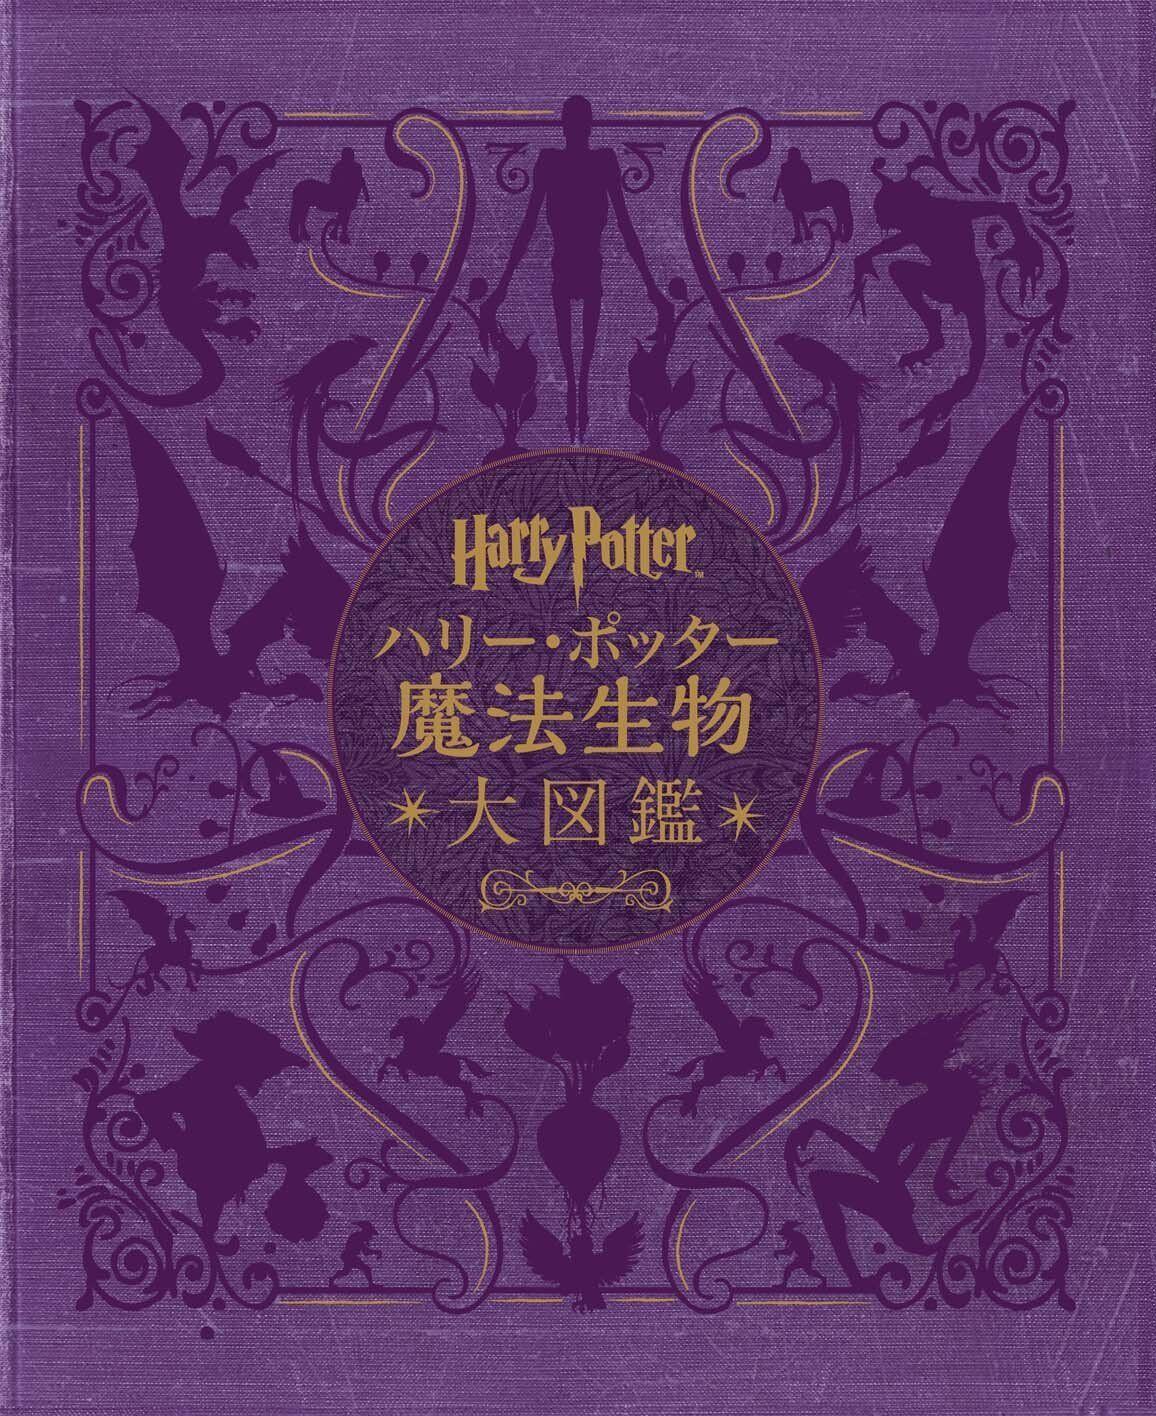 venta Harry potter potter potter criaturas mágicas Ilustrado Libro Enciclopedia  nueva gama alta exclusiva